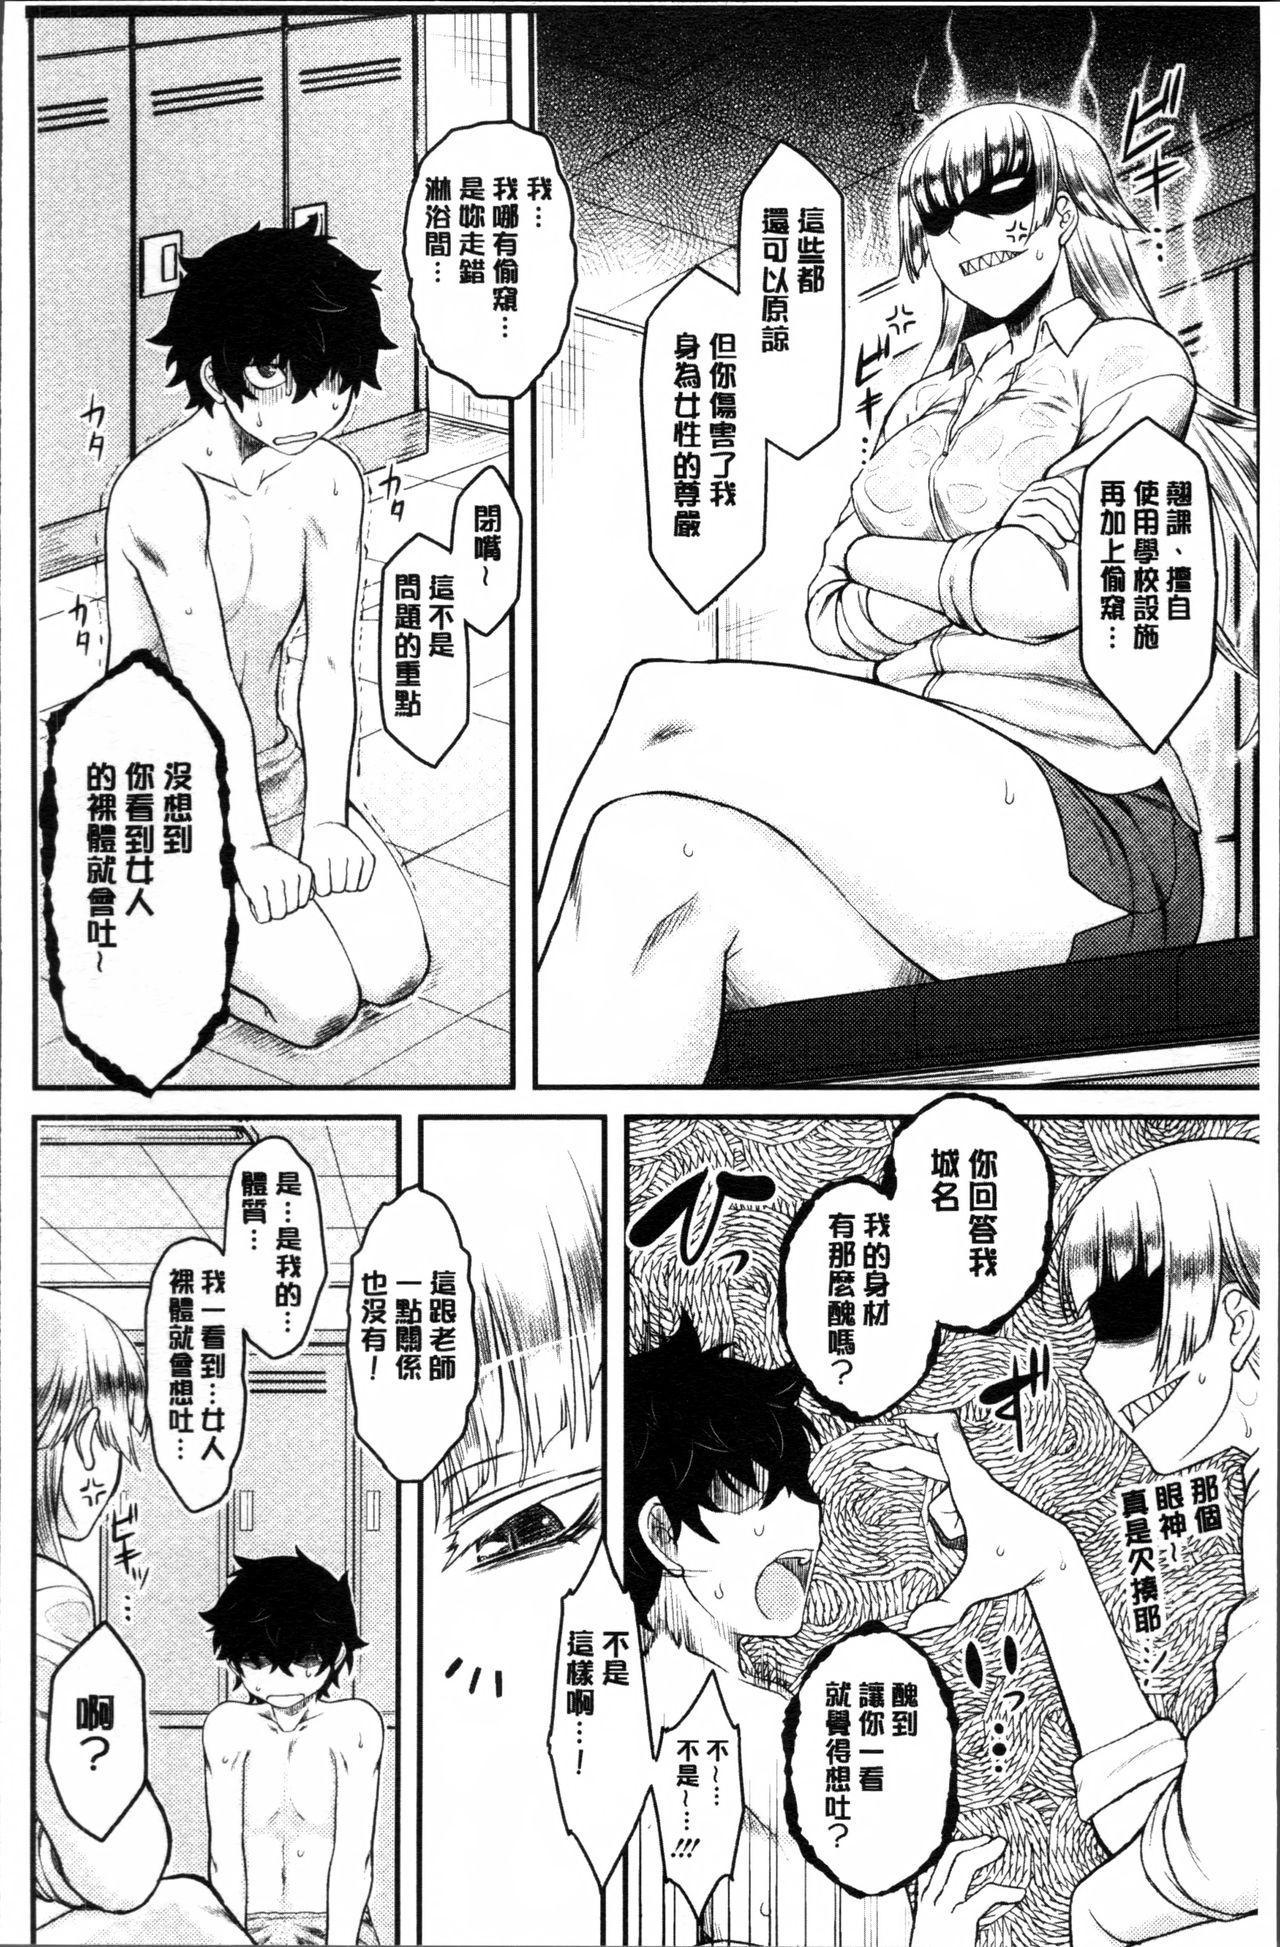 Hatsukoi Splash! 46